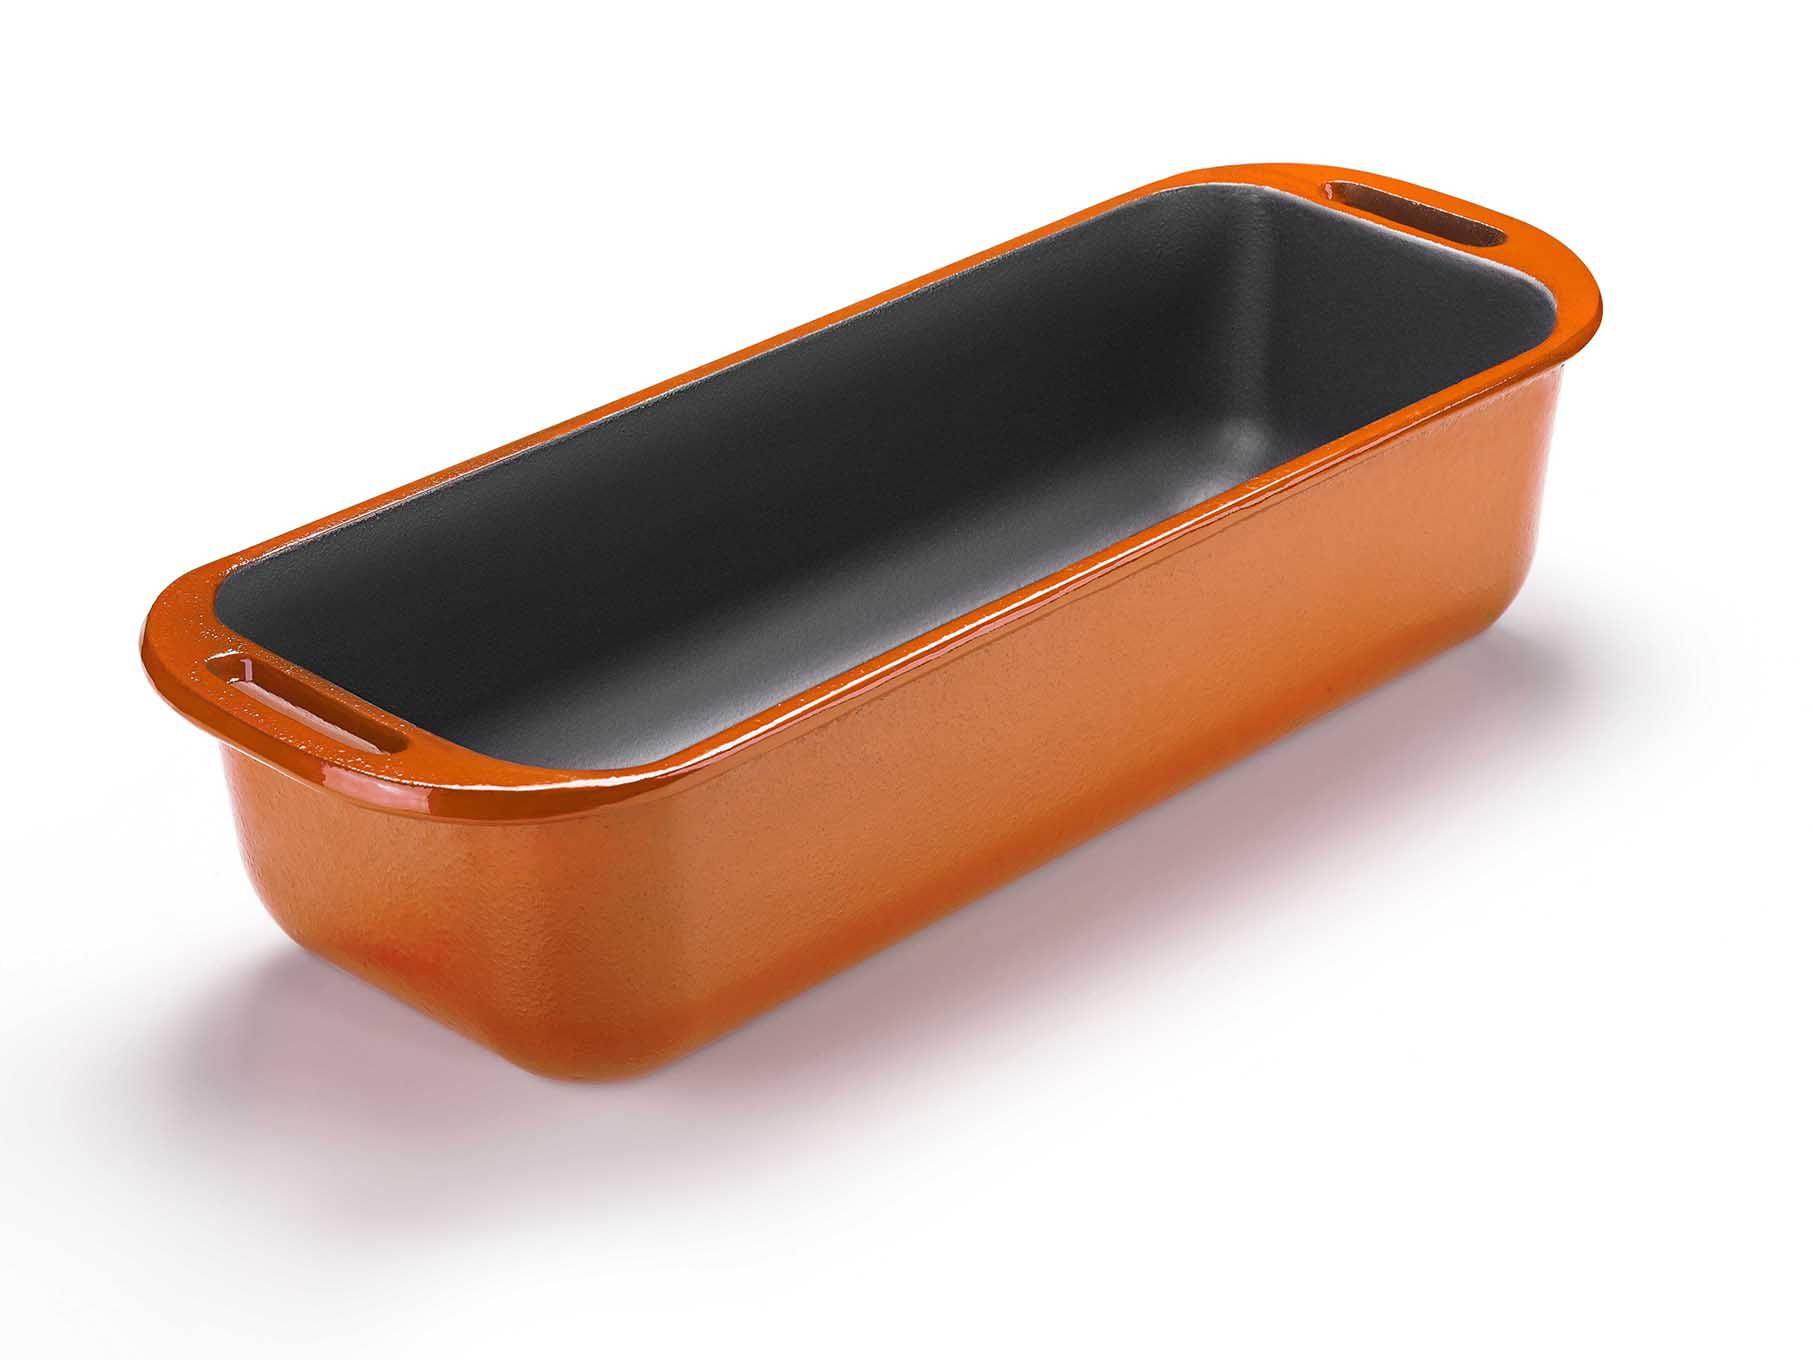 comprar assadeira de ferro fundido para pão, assar pão na panela de ferro, esmaltada laranja